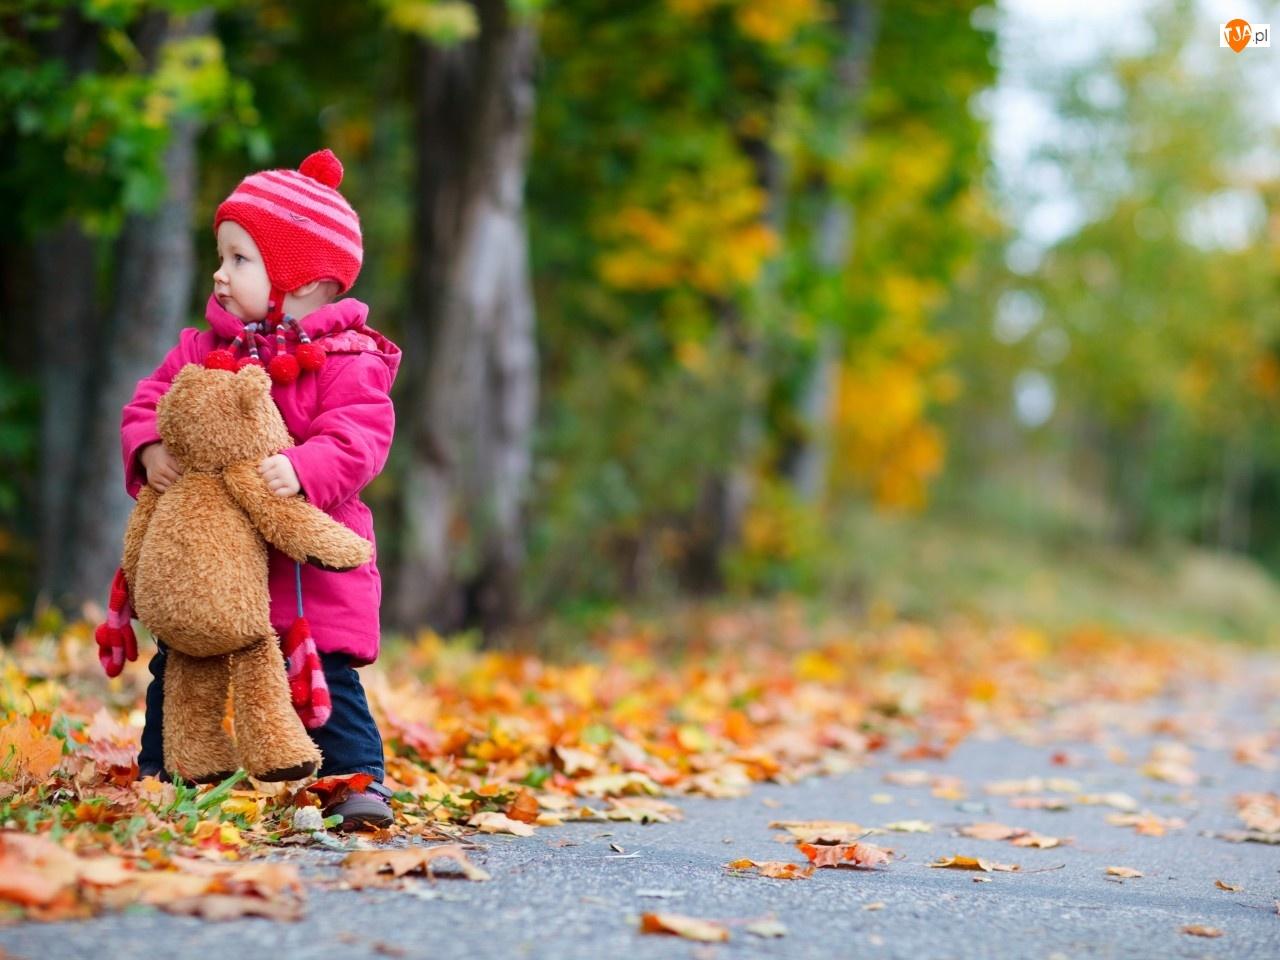 Liście, Dziecko, Jesień, Misio, Drzewa, Alejka